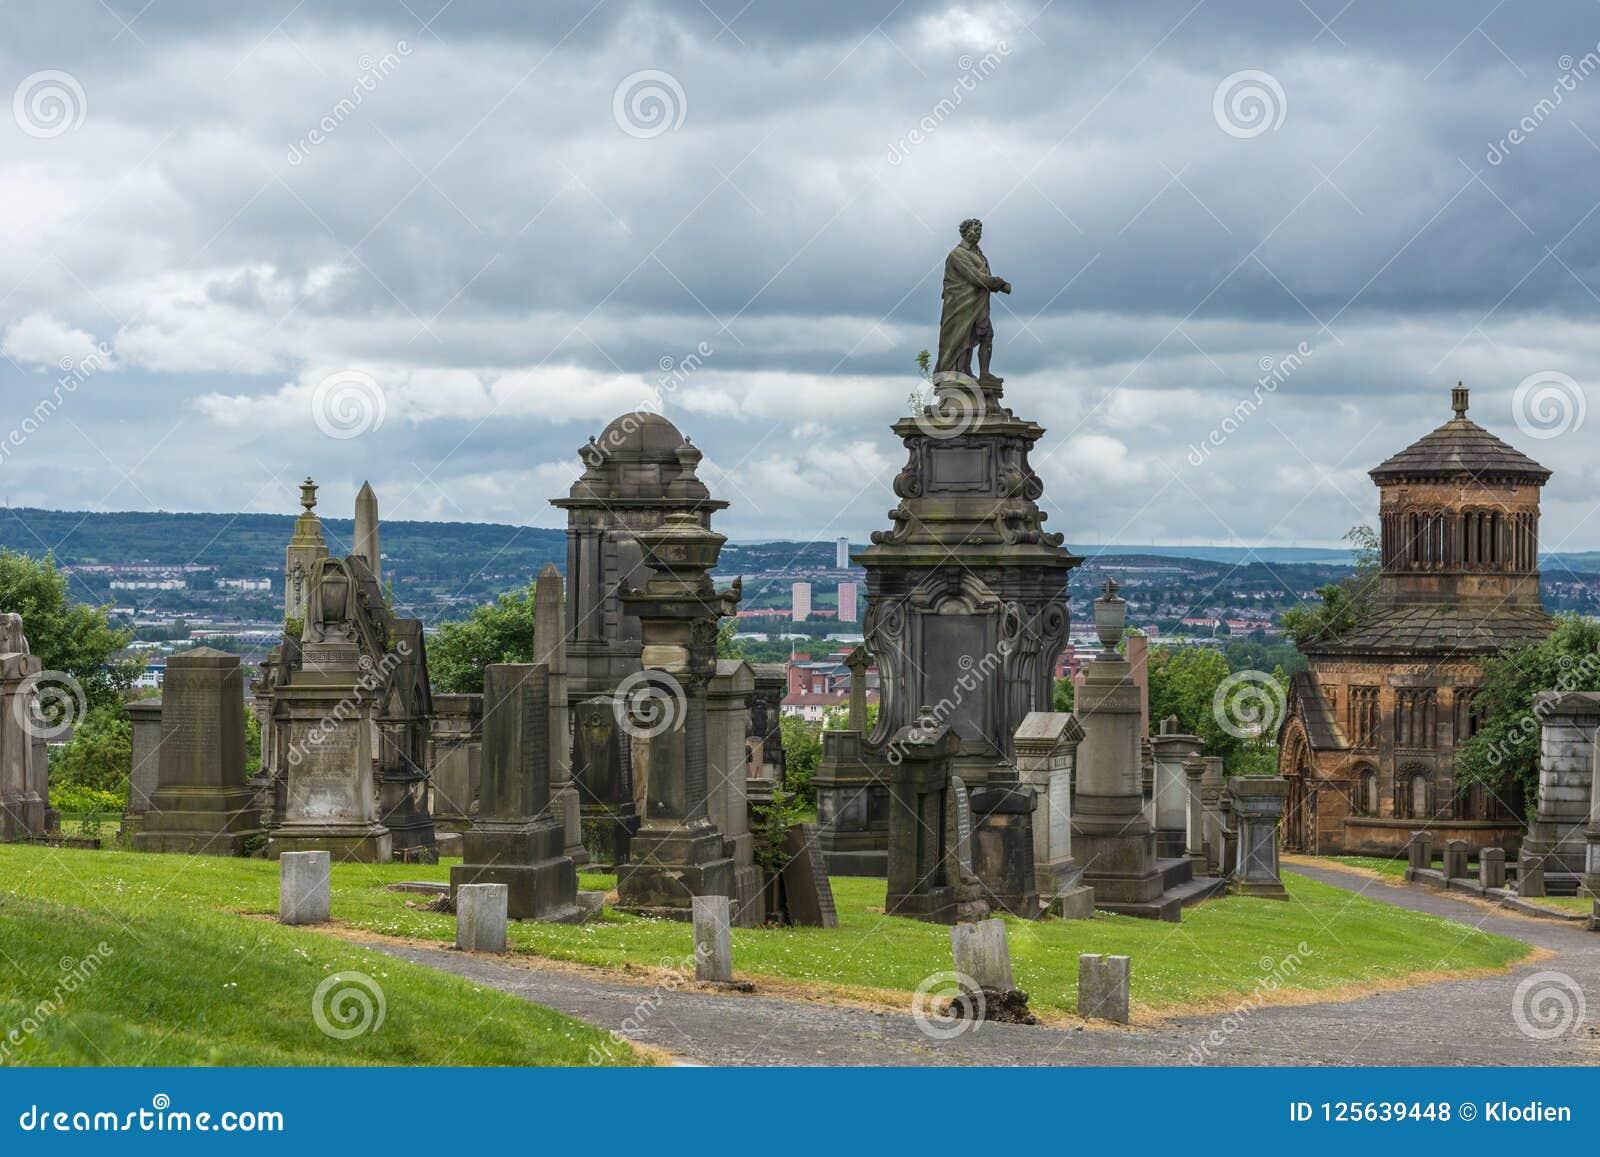 Lápides sobre o monte em Glasgow Necropolis, Escócia Reino Unido